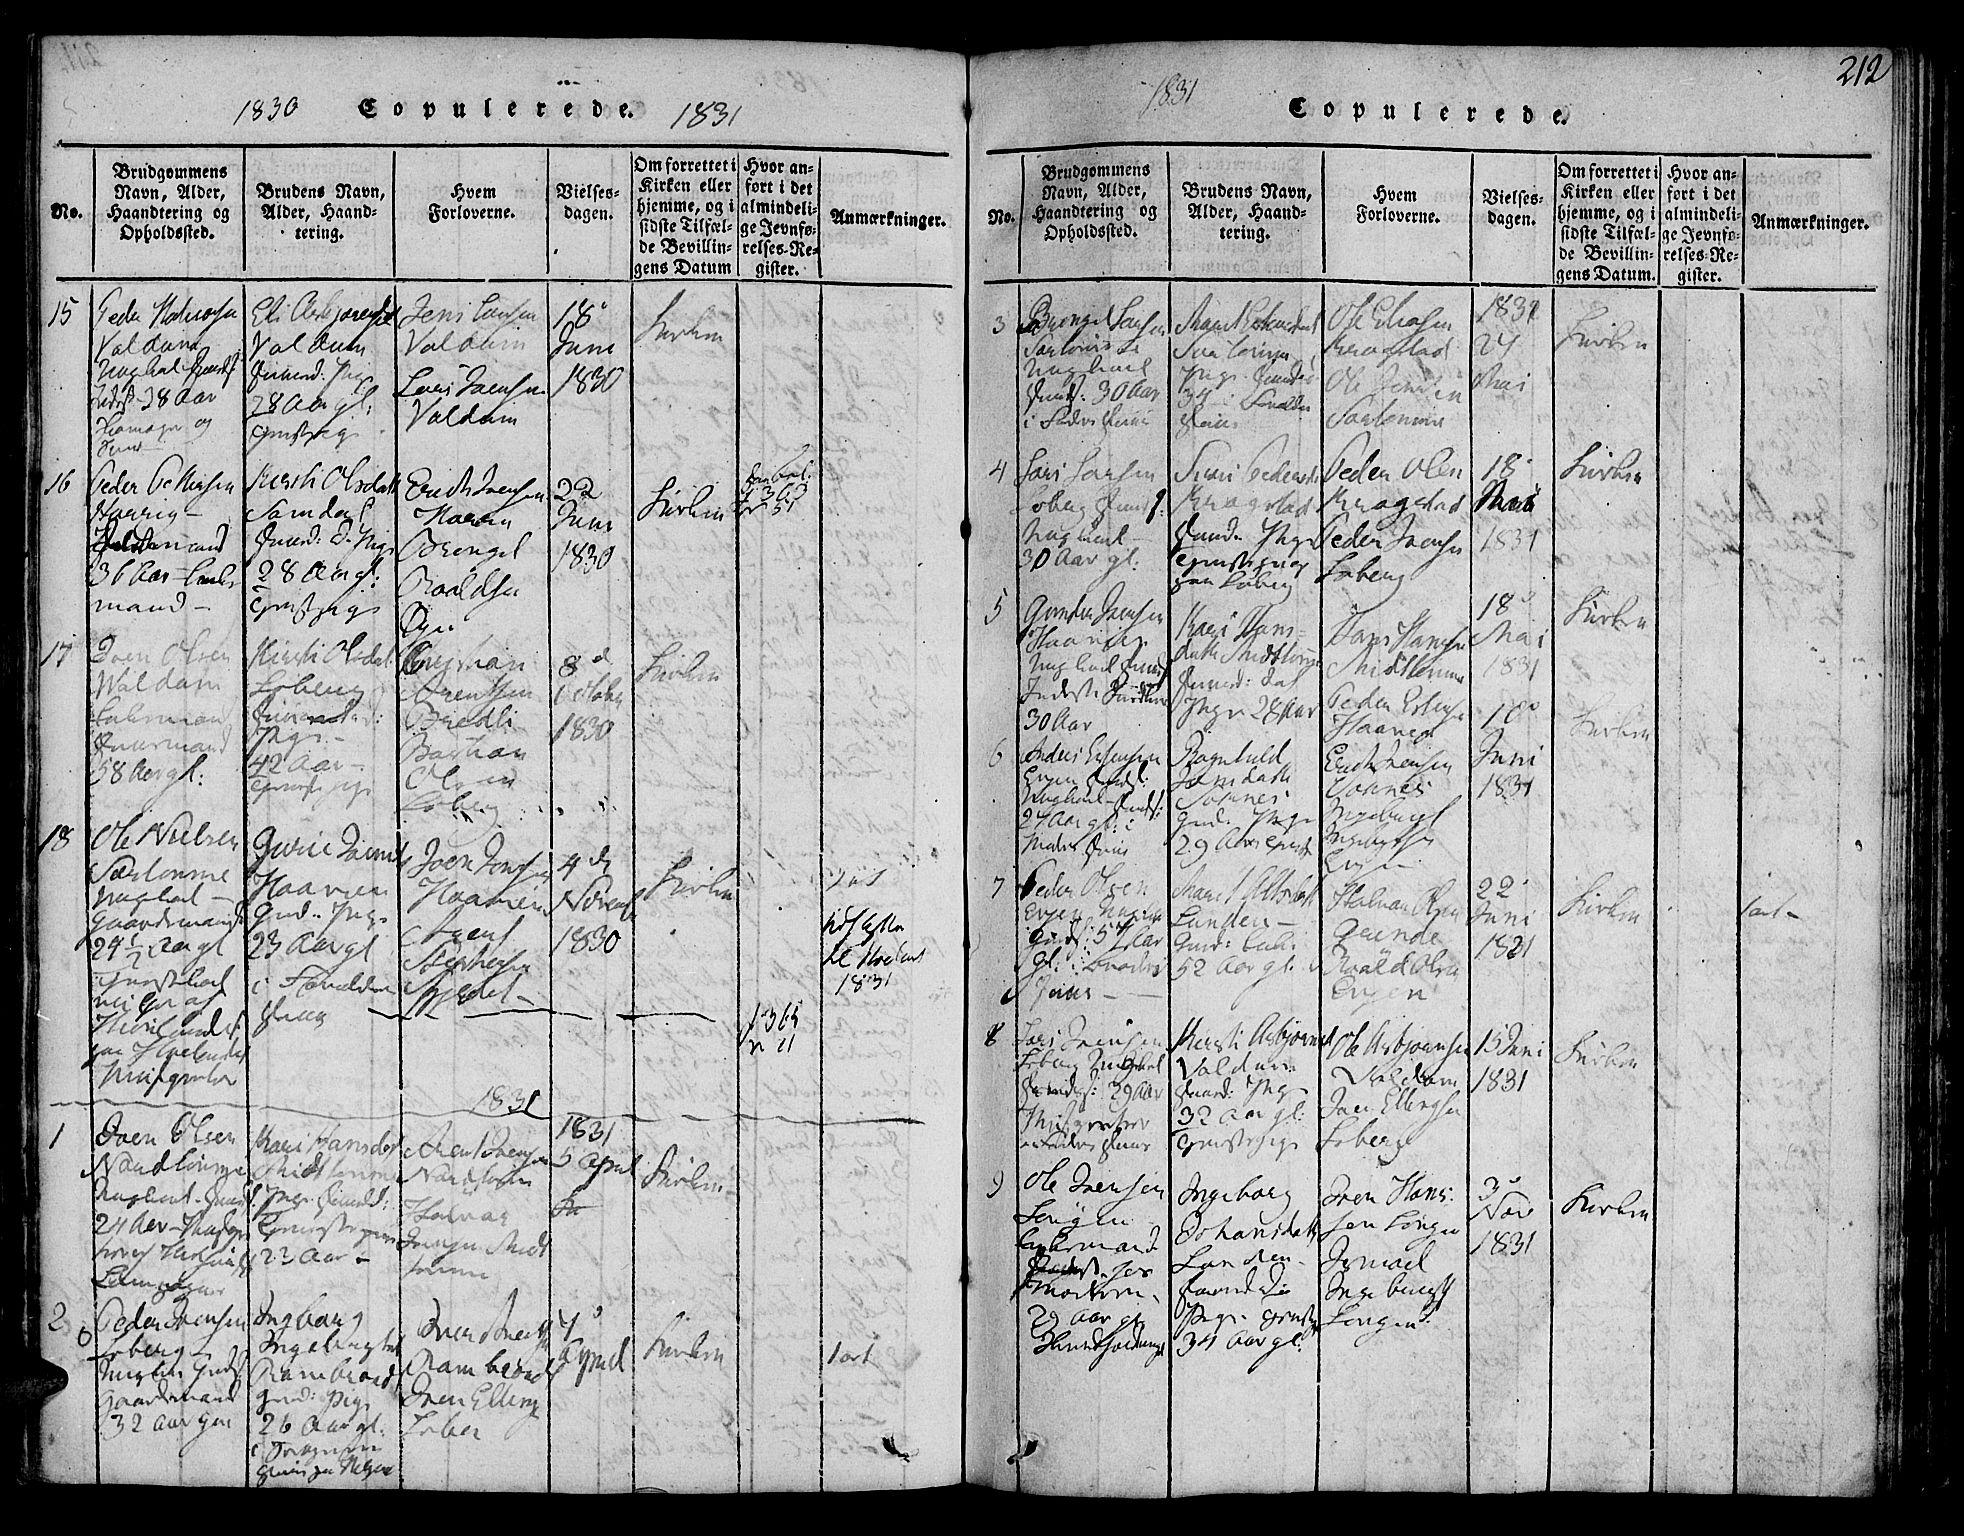 SAT, Ministerialprotokoller, klokkerbøker og fødselsregistre - Sør-Trøndelag, 692/L1102: Ministerialbok nr. 692A02, 1816-1842, s. 212